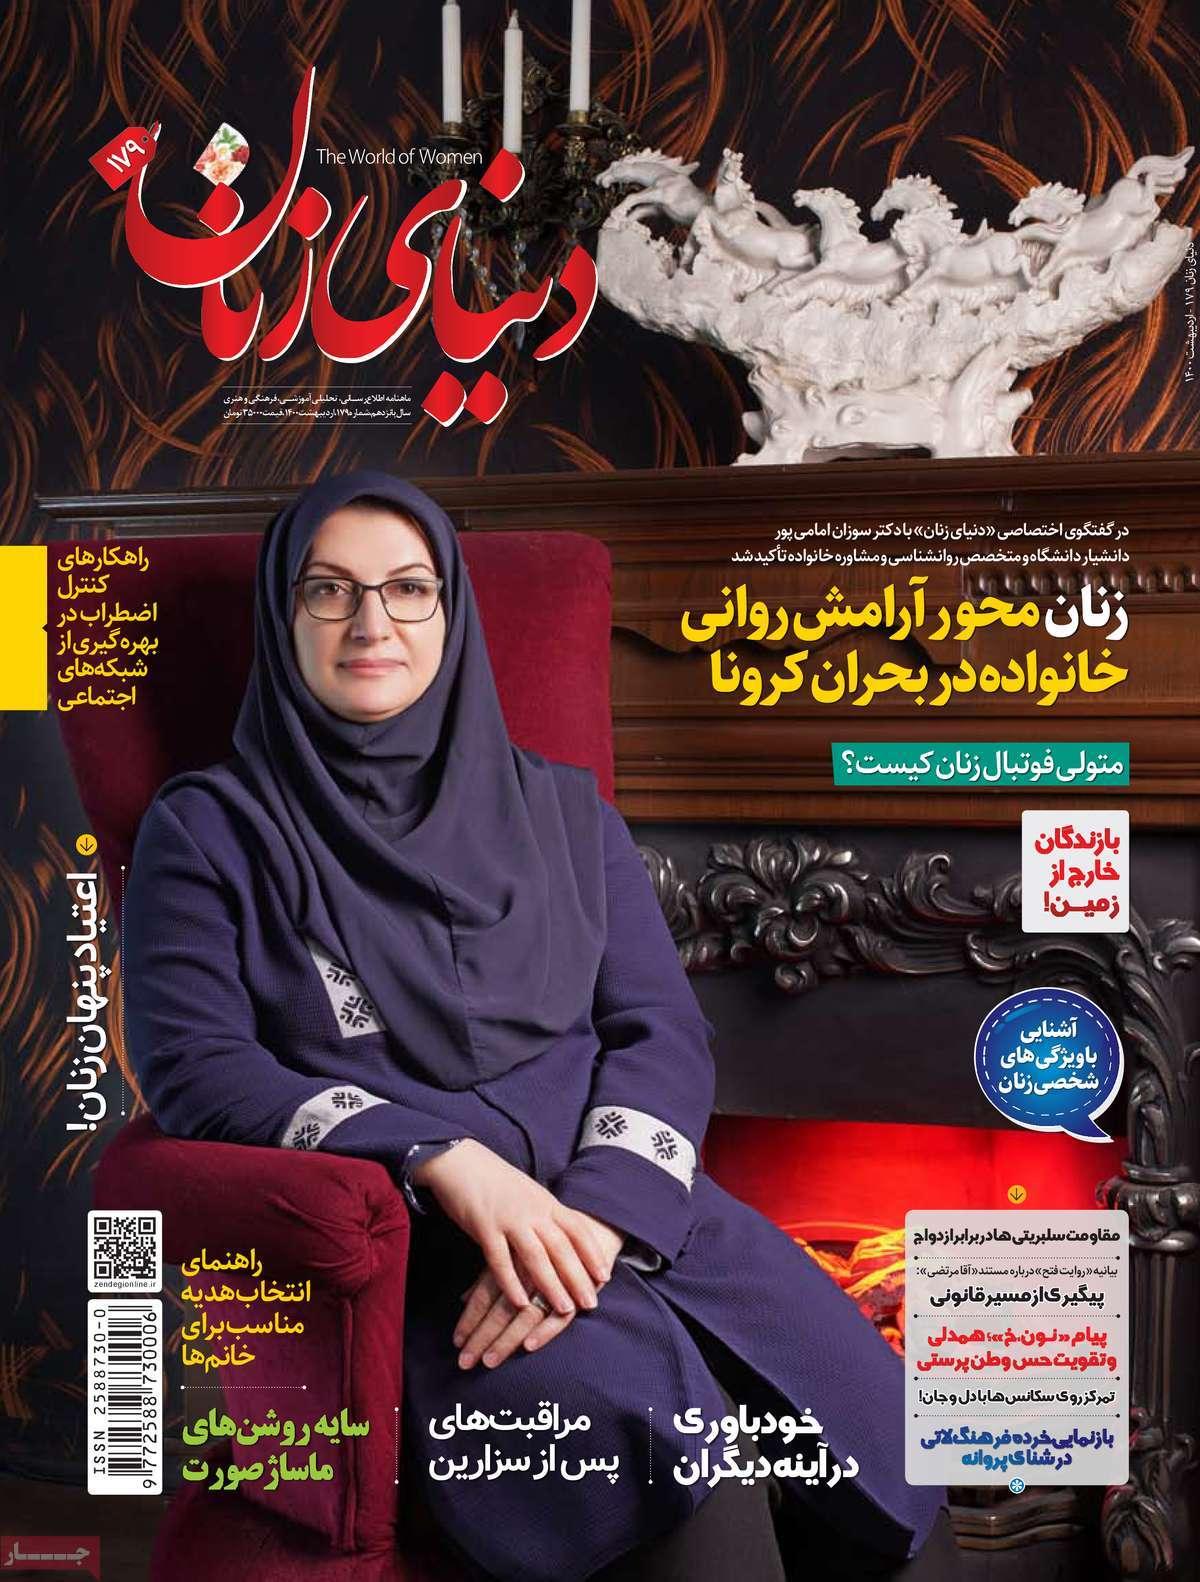 مجله دنیای زنان